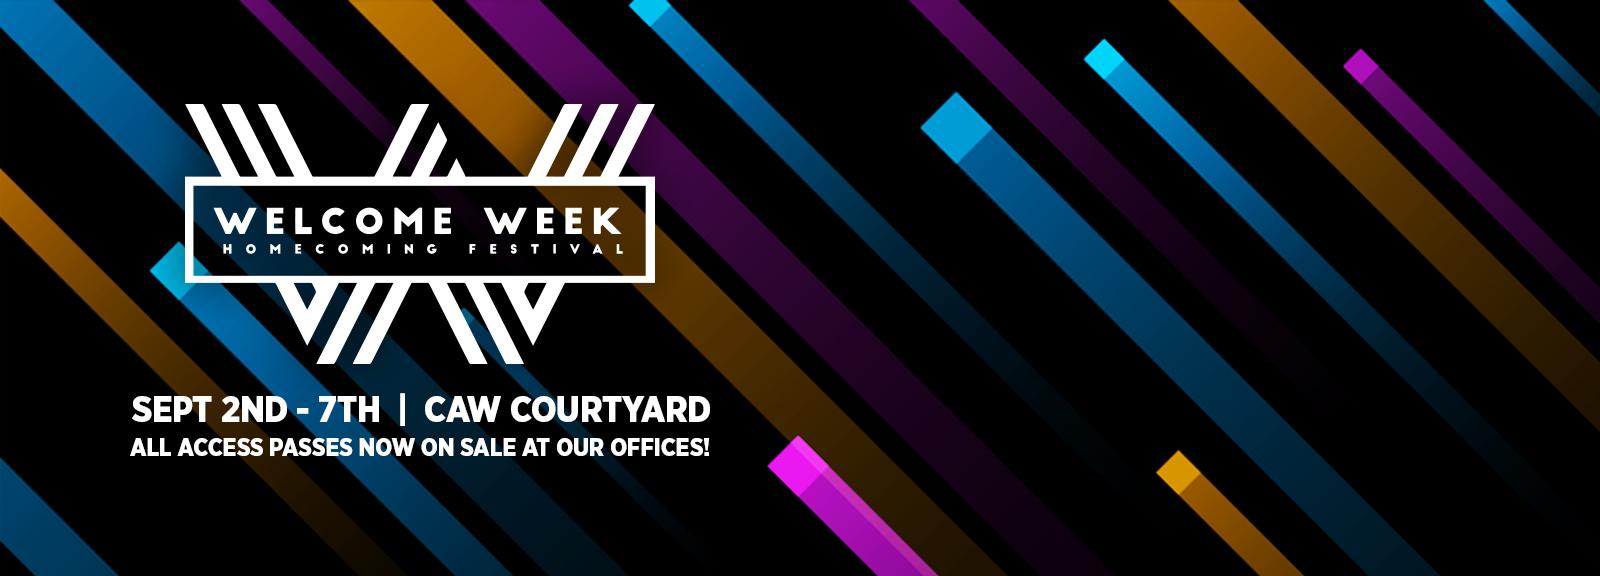 <span>WELCOME WEEK<span><br/>IS BACK!